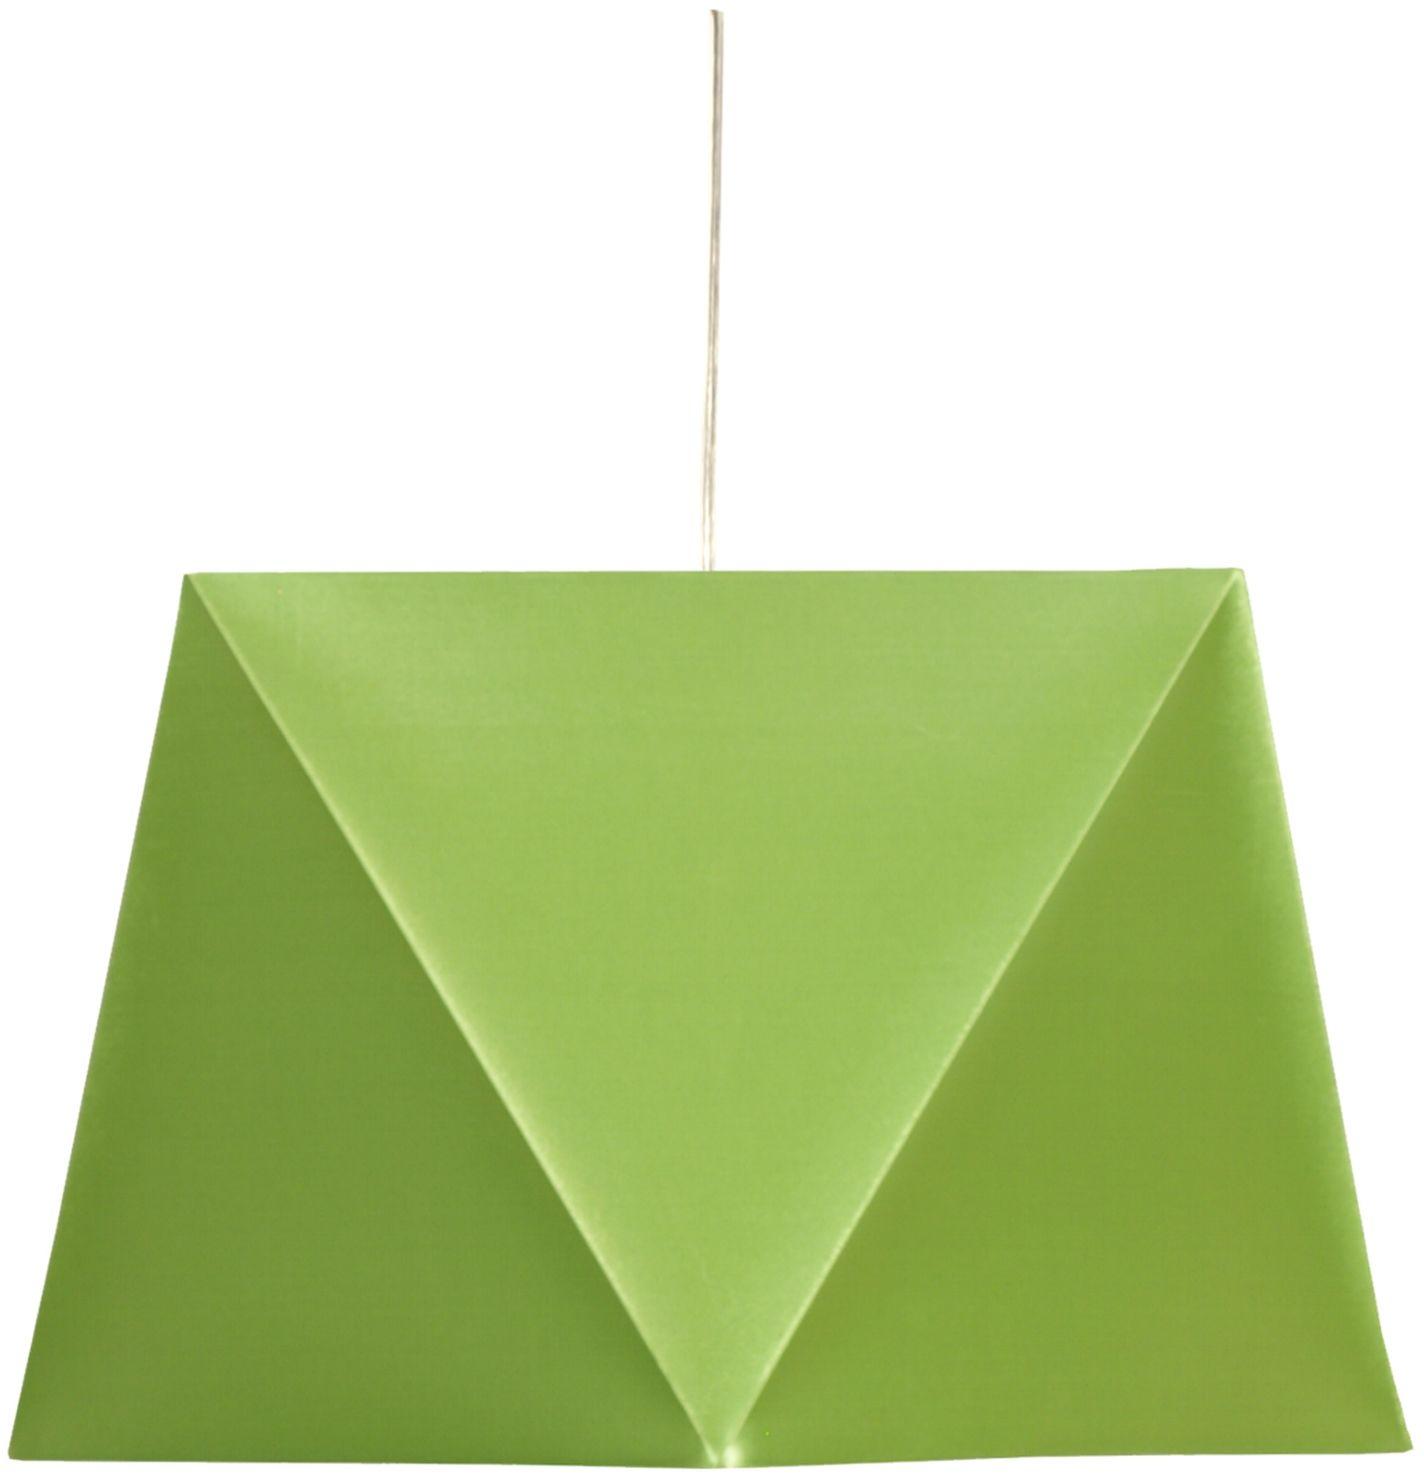 Candellux HEXAGEN 31-03614 lampa wisząca geometryczny kształt abażura zielony 1X60W E27 42 cm